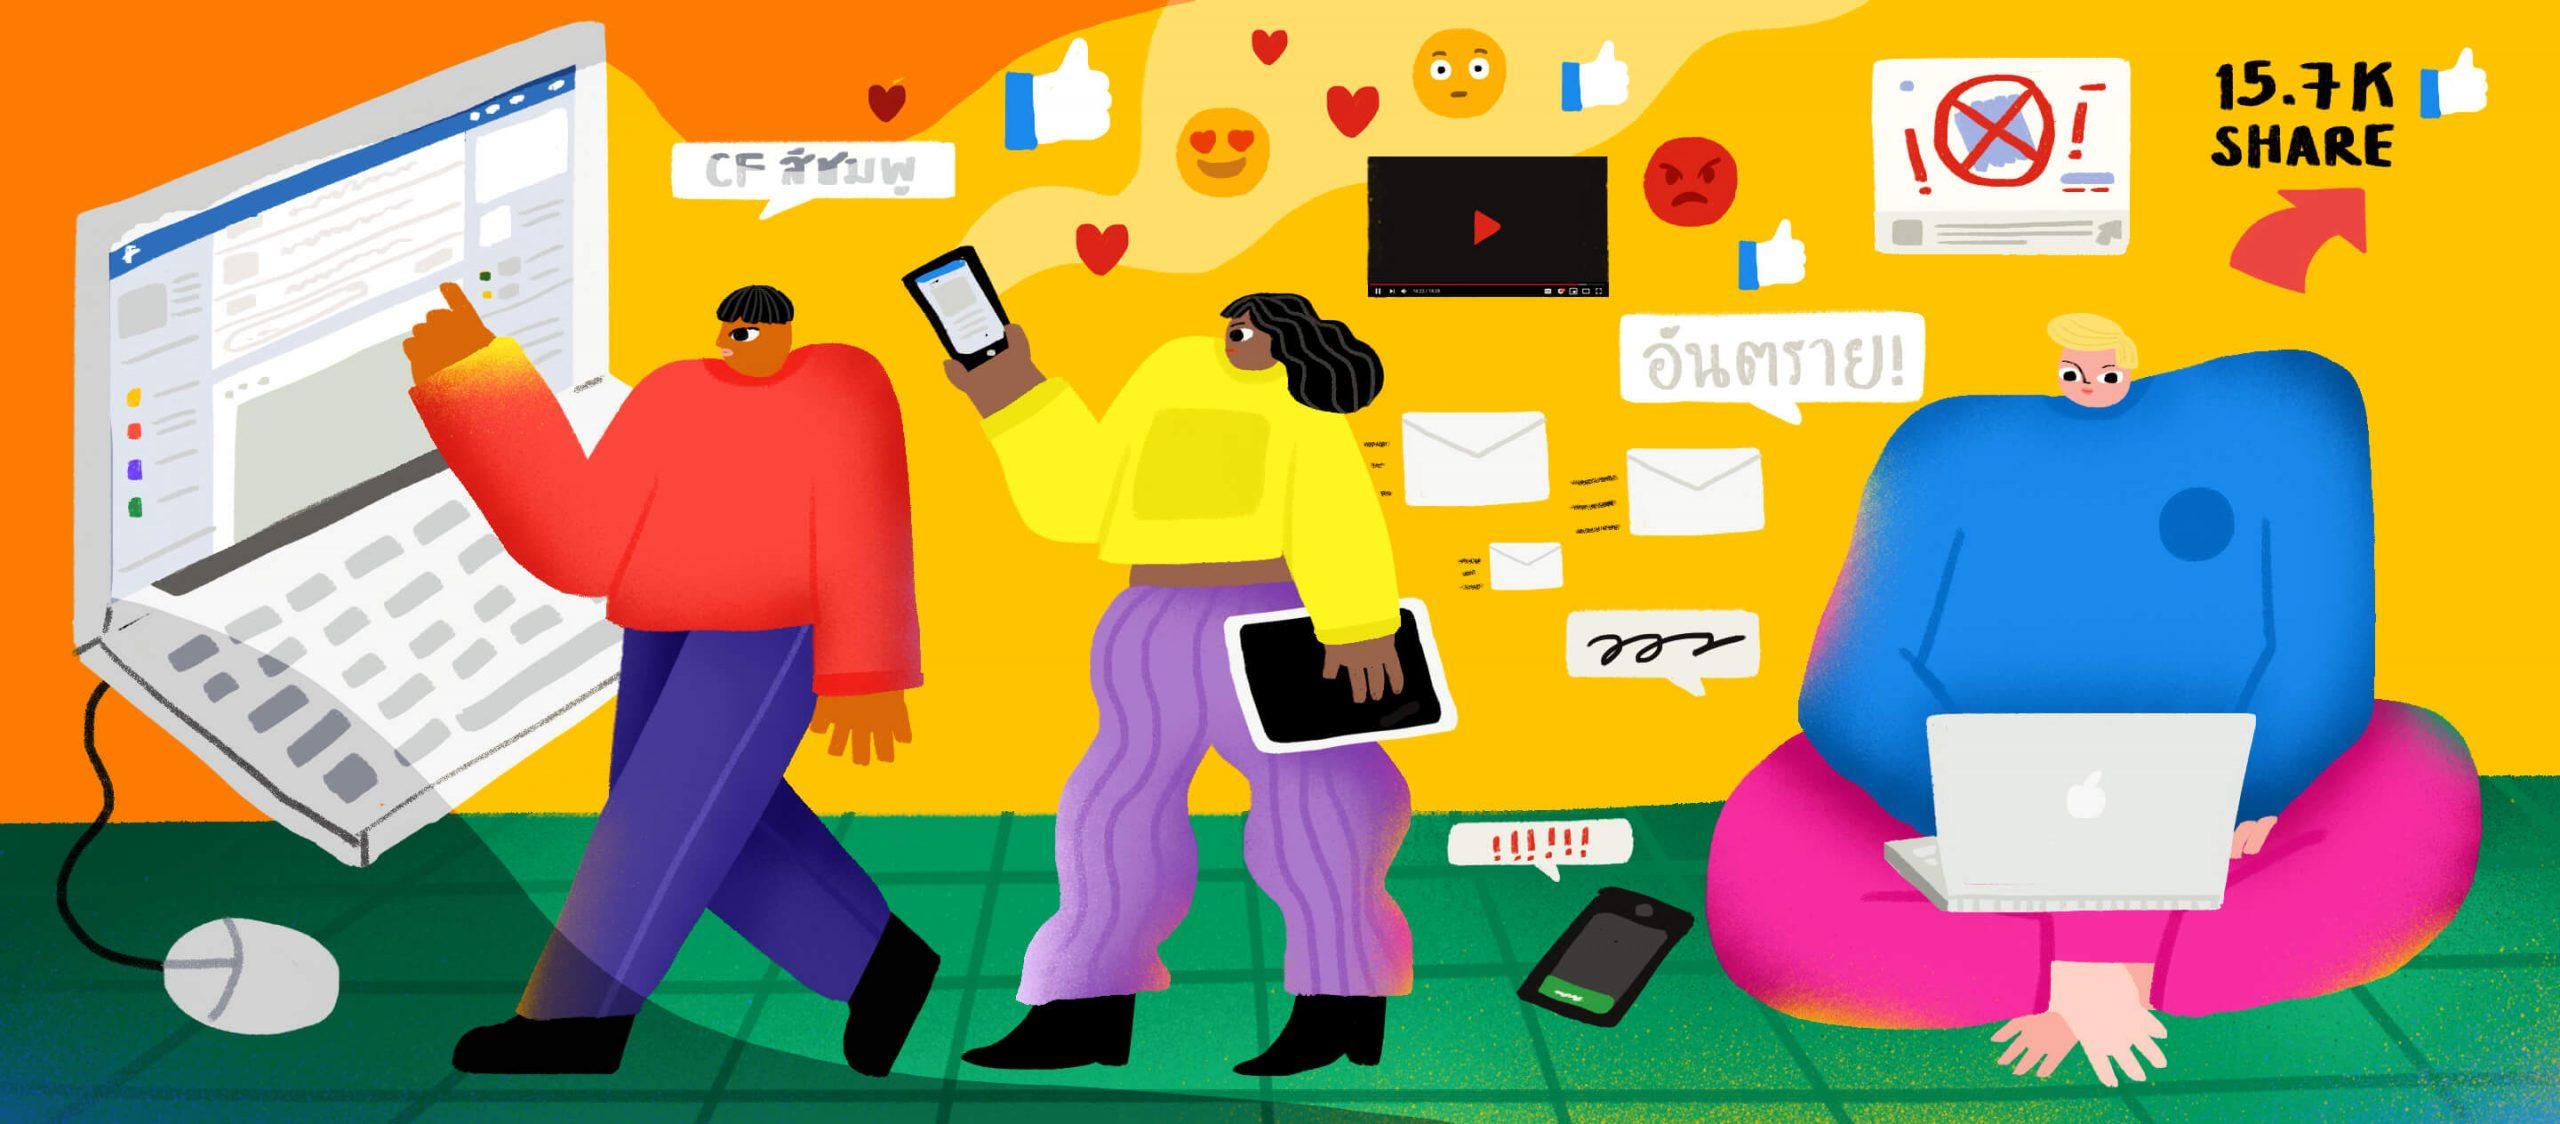 'Online is an Opportunity' อย่ามองออนไลน์ว่าตื้นและกลวง มองมันเป็นโอกาส